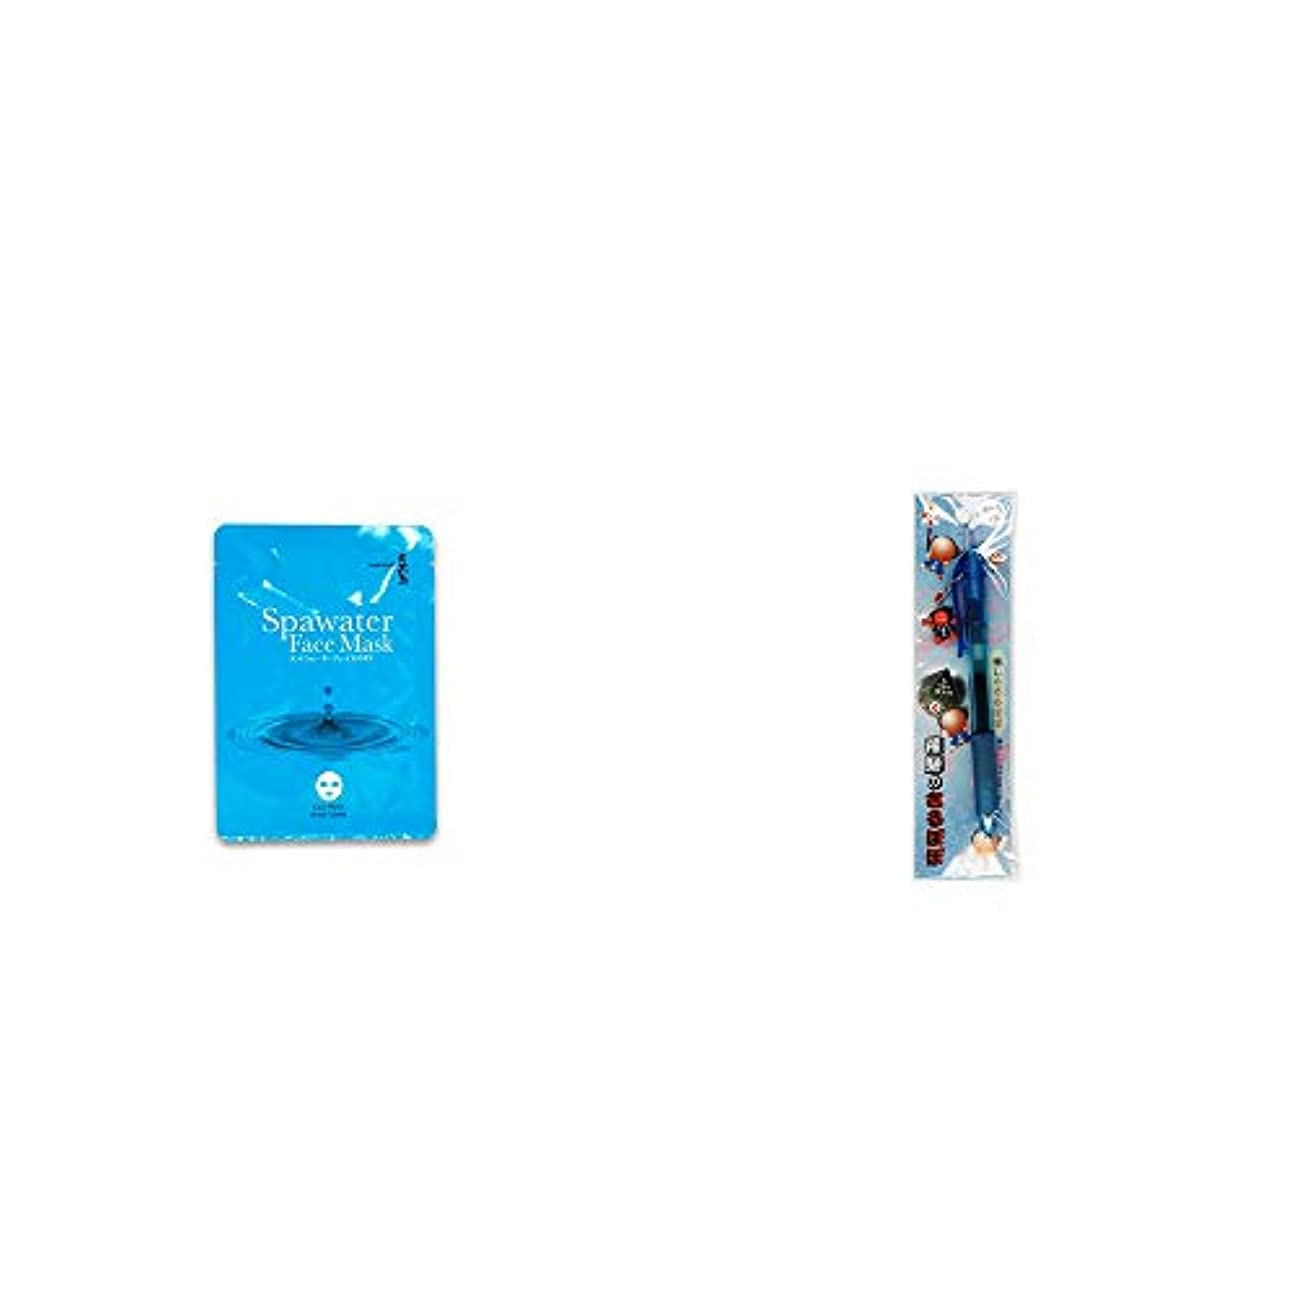 ヒューム騒乱合金[2点セット] ひのき炭黒泉 スパウォーターフェイスマスク(18ml×3枚入)・さるぼぼ 癒しボールペン 【ブルー】